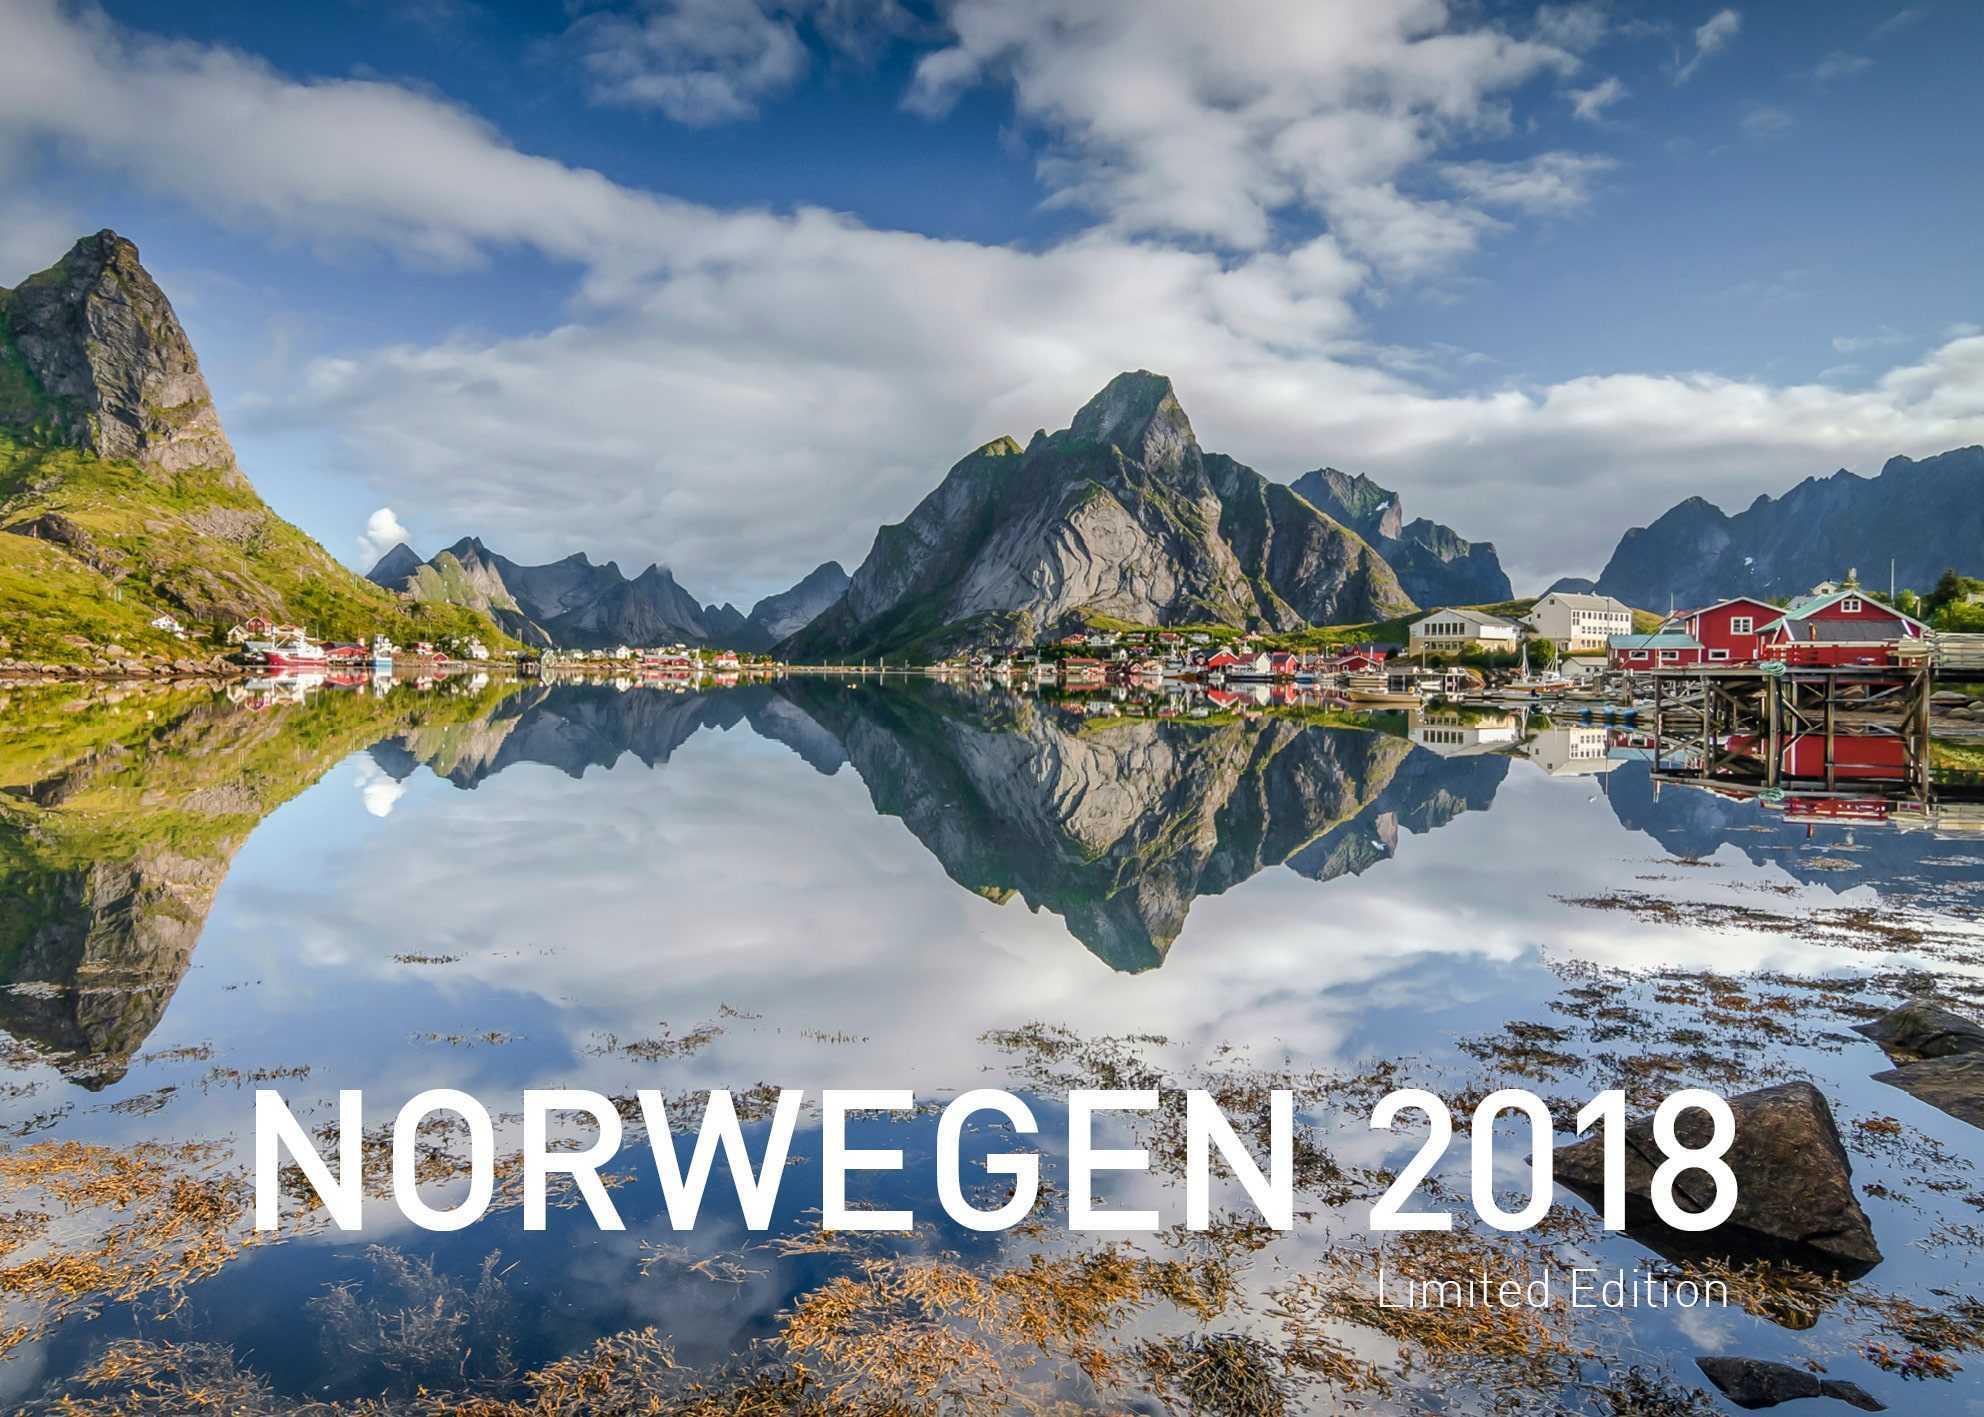 Norwegen Fotokalender 2018 - Zwerger-Schoner